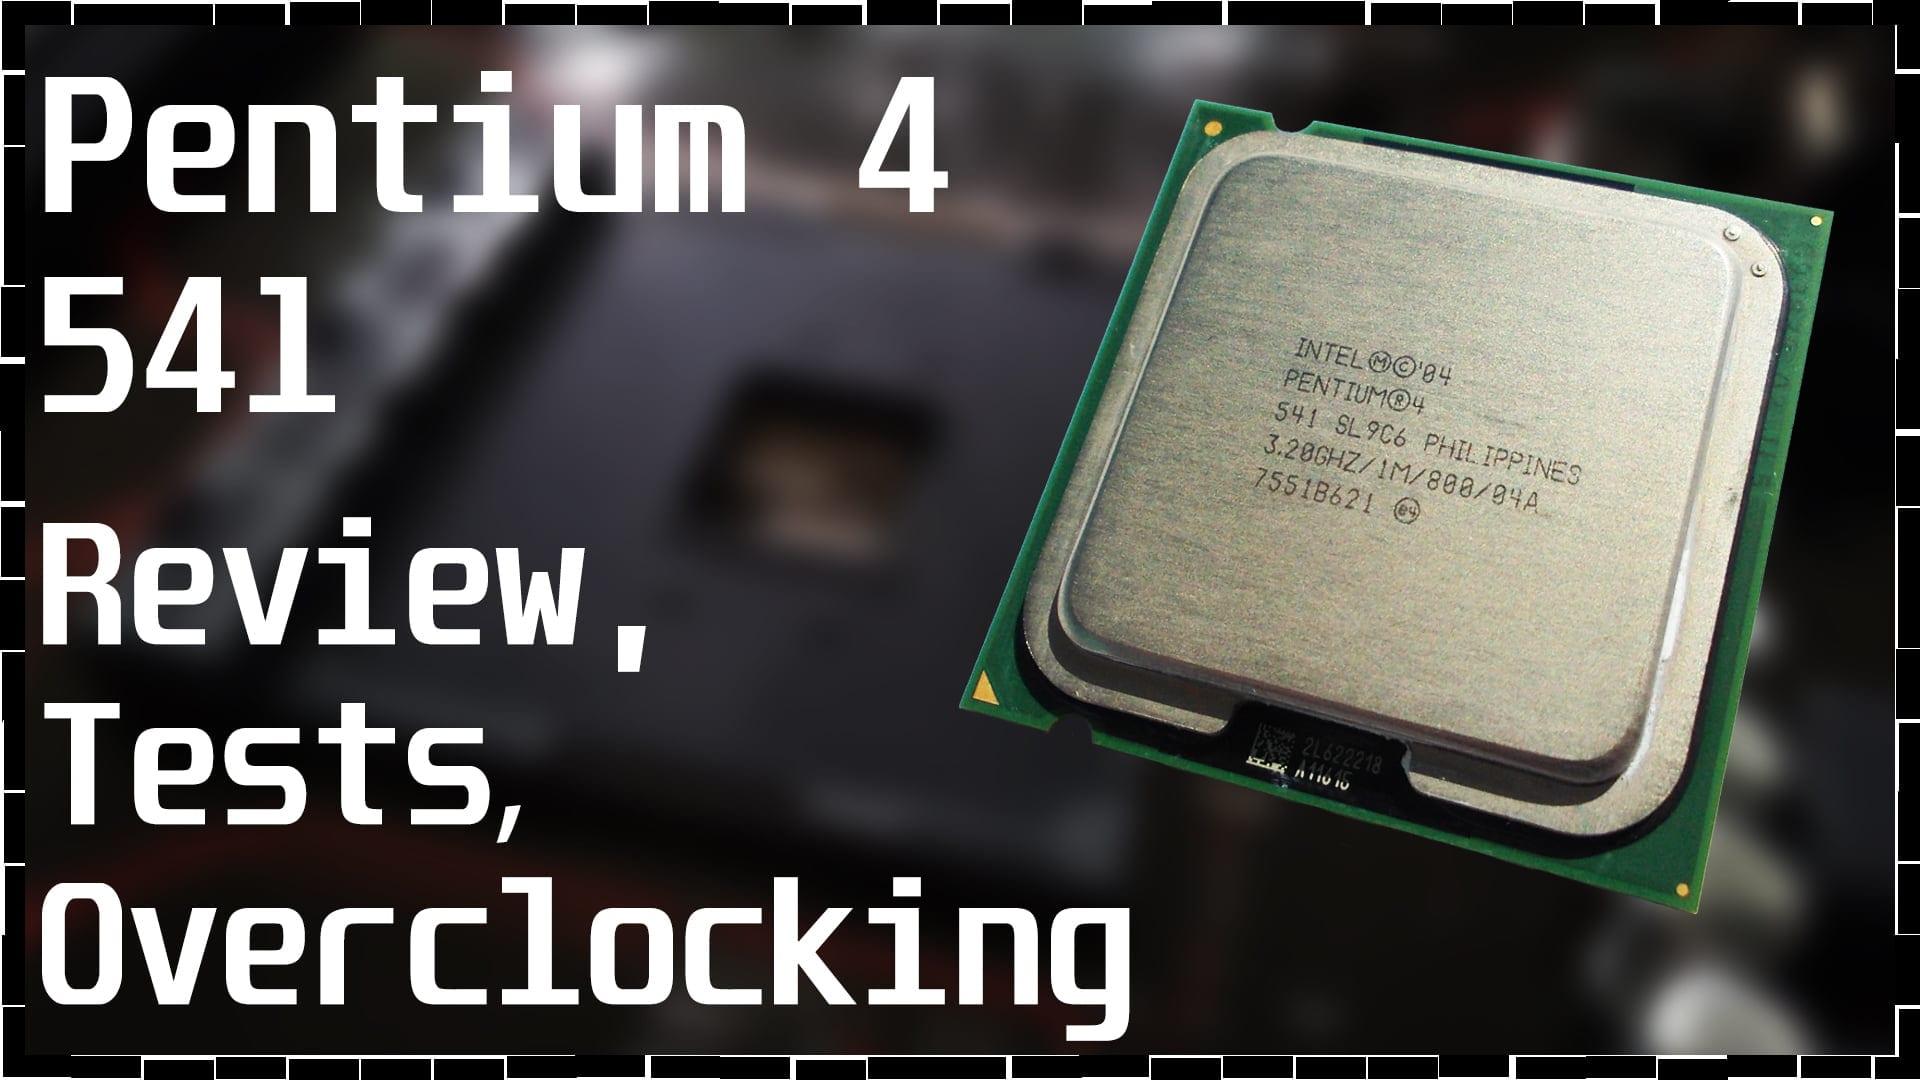 Intel Sandy Bridge: Обзор, разгон и тестирование Core i5 2300 и Core i5 2500